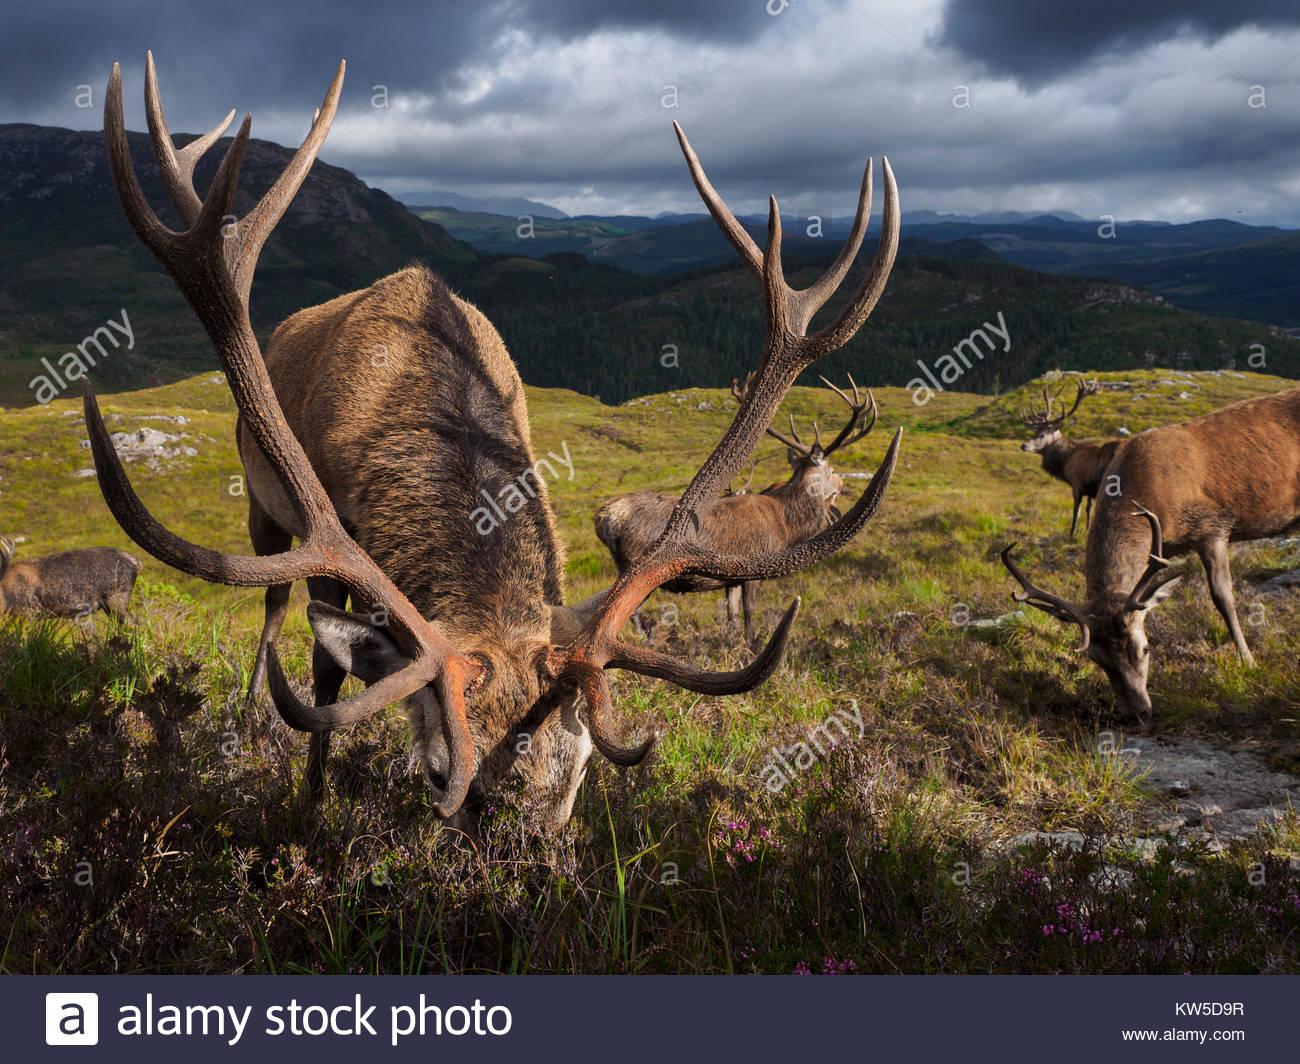 La popolazione di cervi a Reraig foresta sono alimentati dal guardiacaccia per stimolare la crescita di corna. Immagini Stock